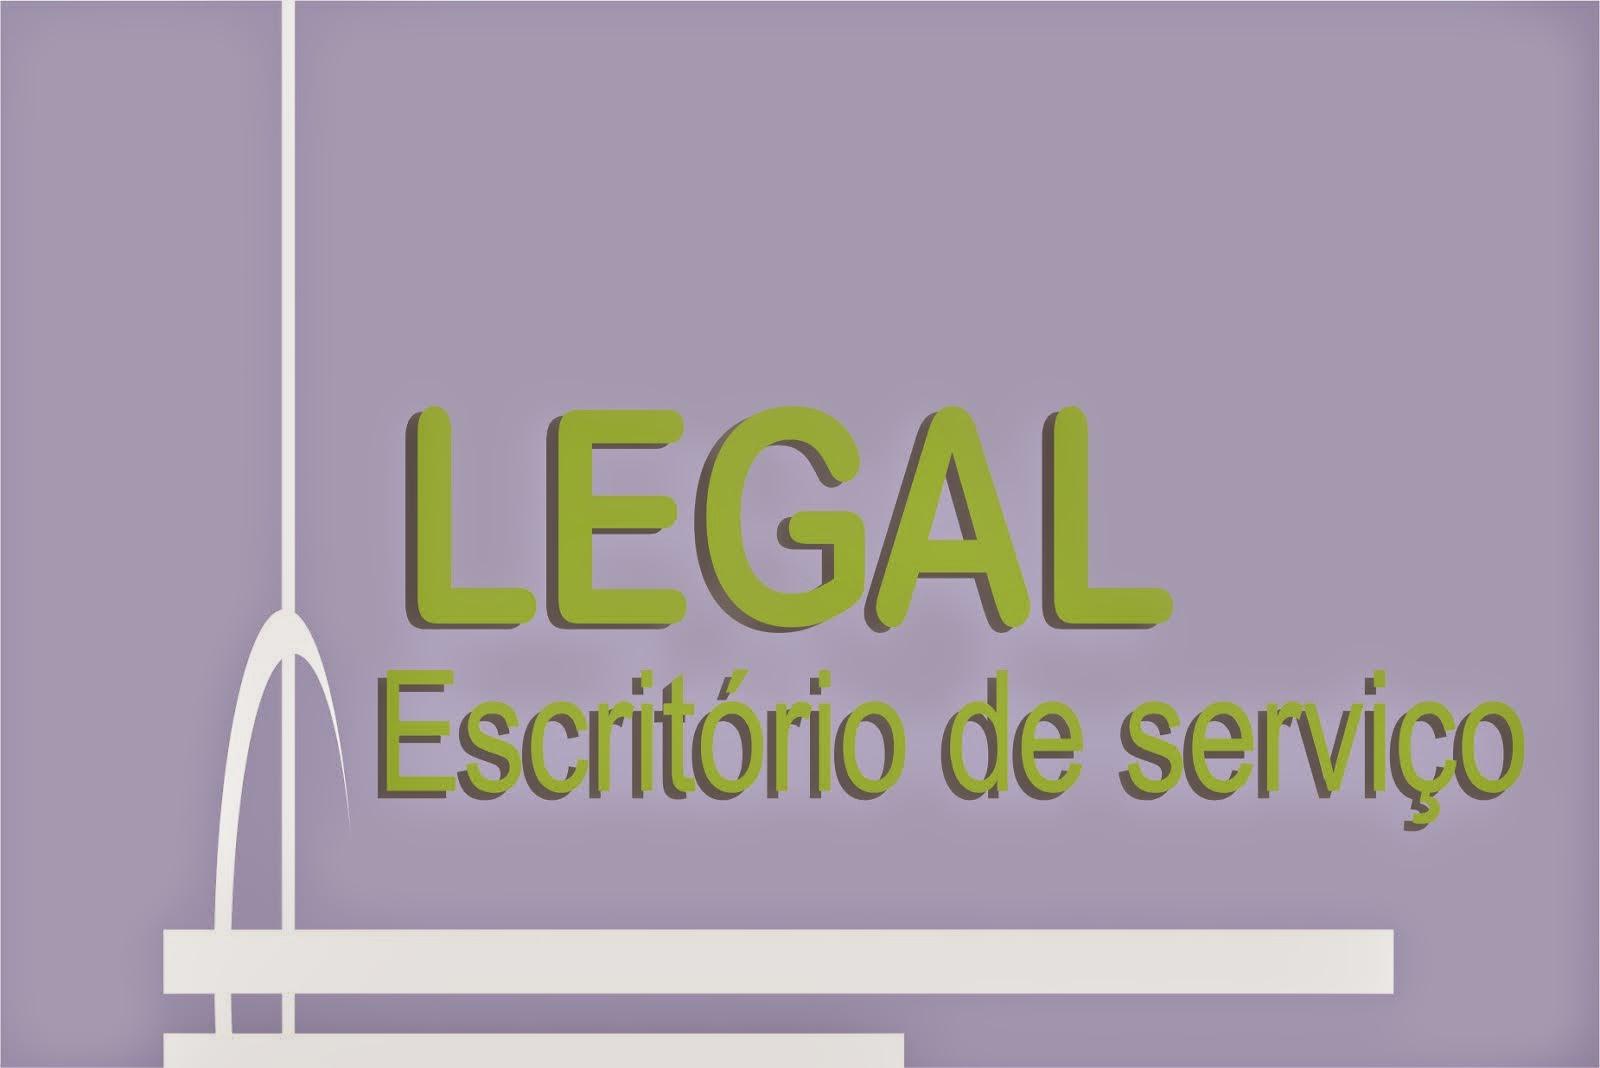 LEGAL ESCRITÓRIO DE SERVIÇO